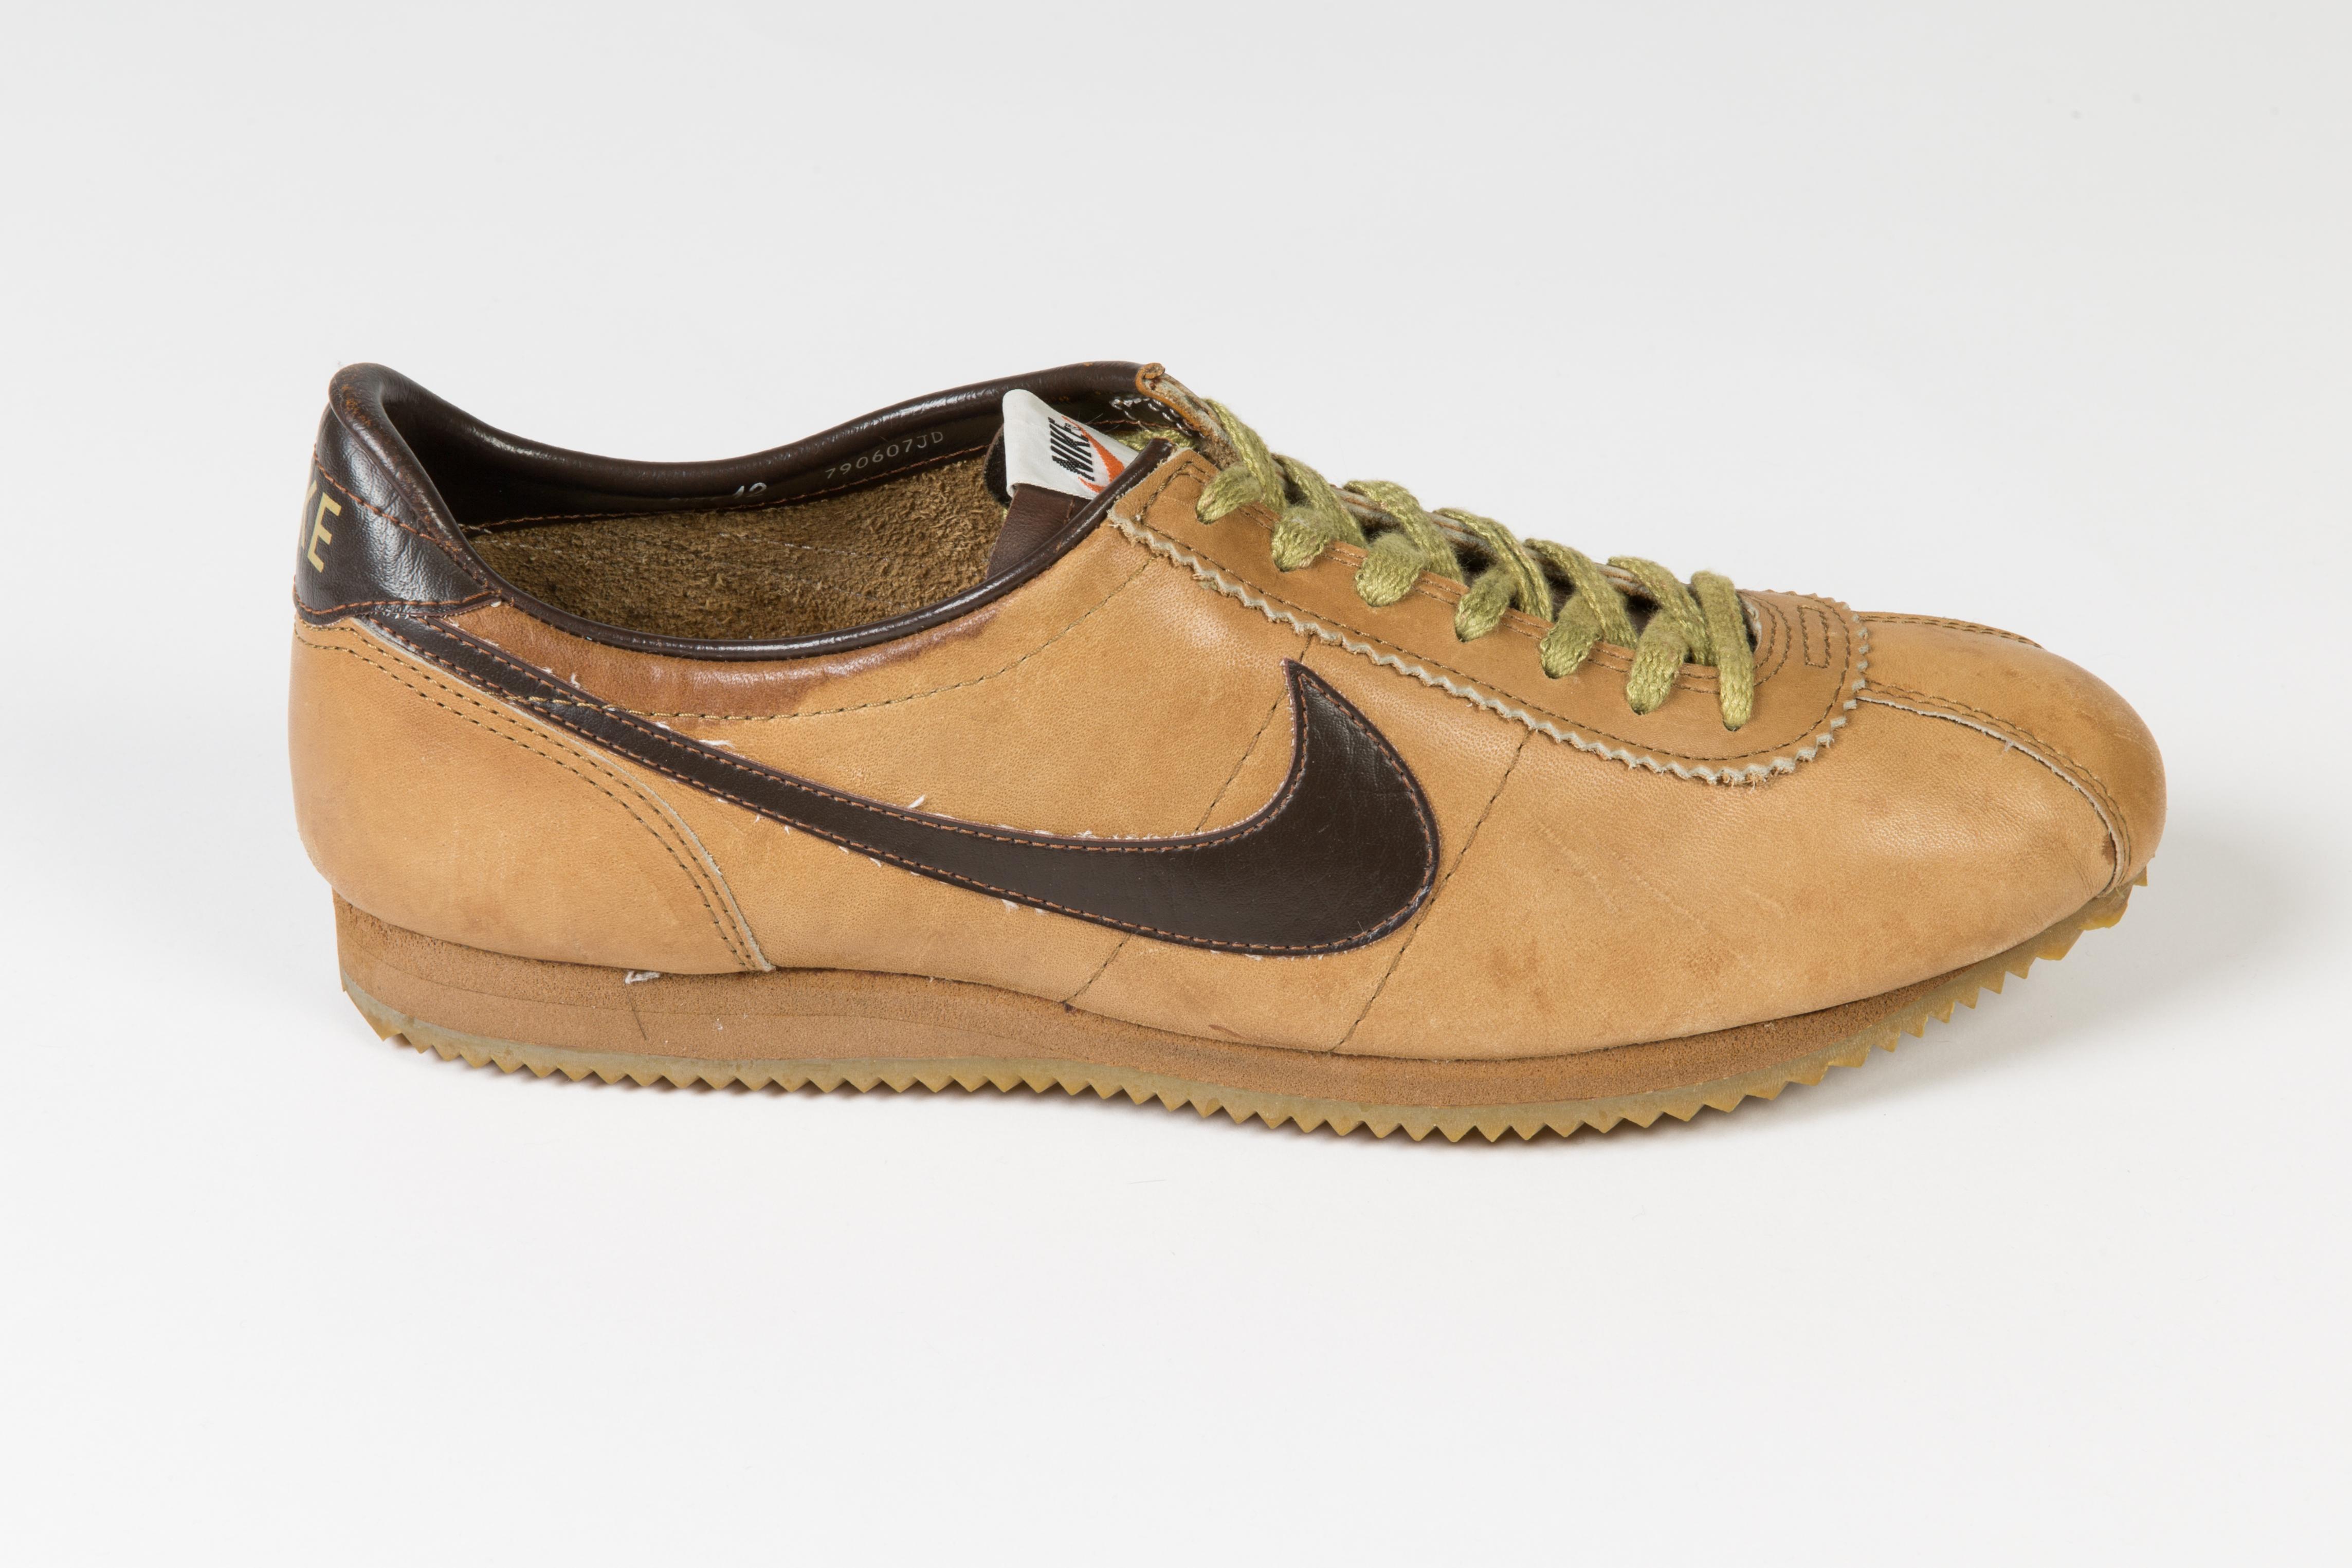 b1a822ff0d4a8 Vintage 1979 Nike Le Village